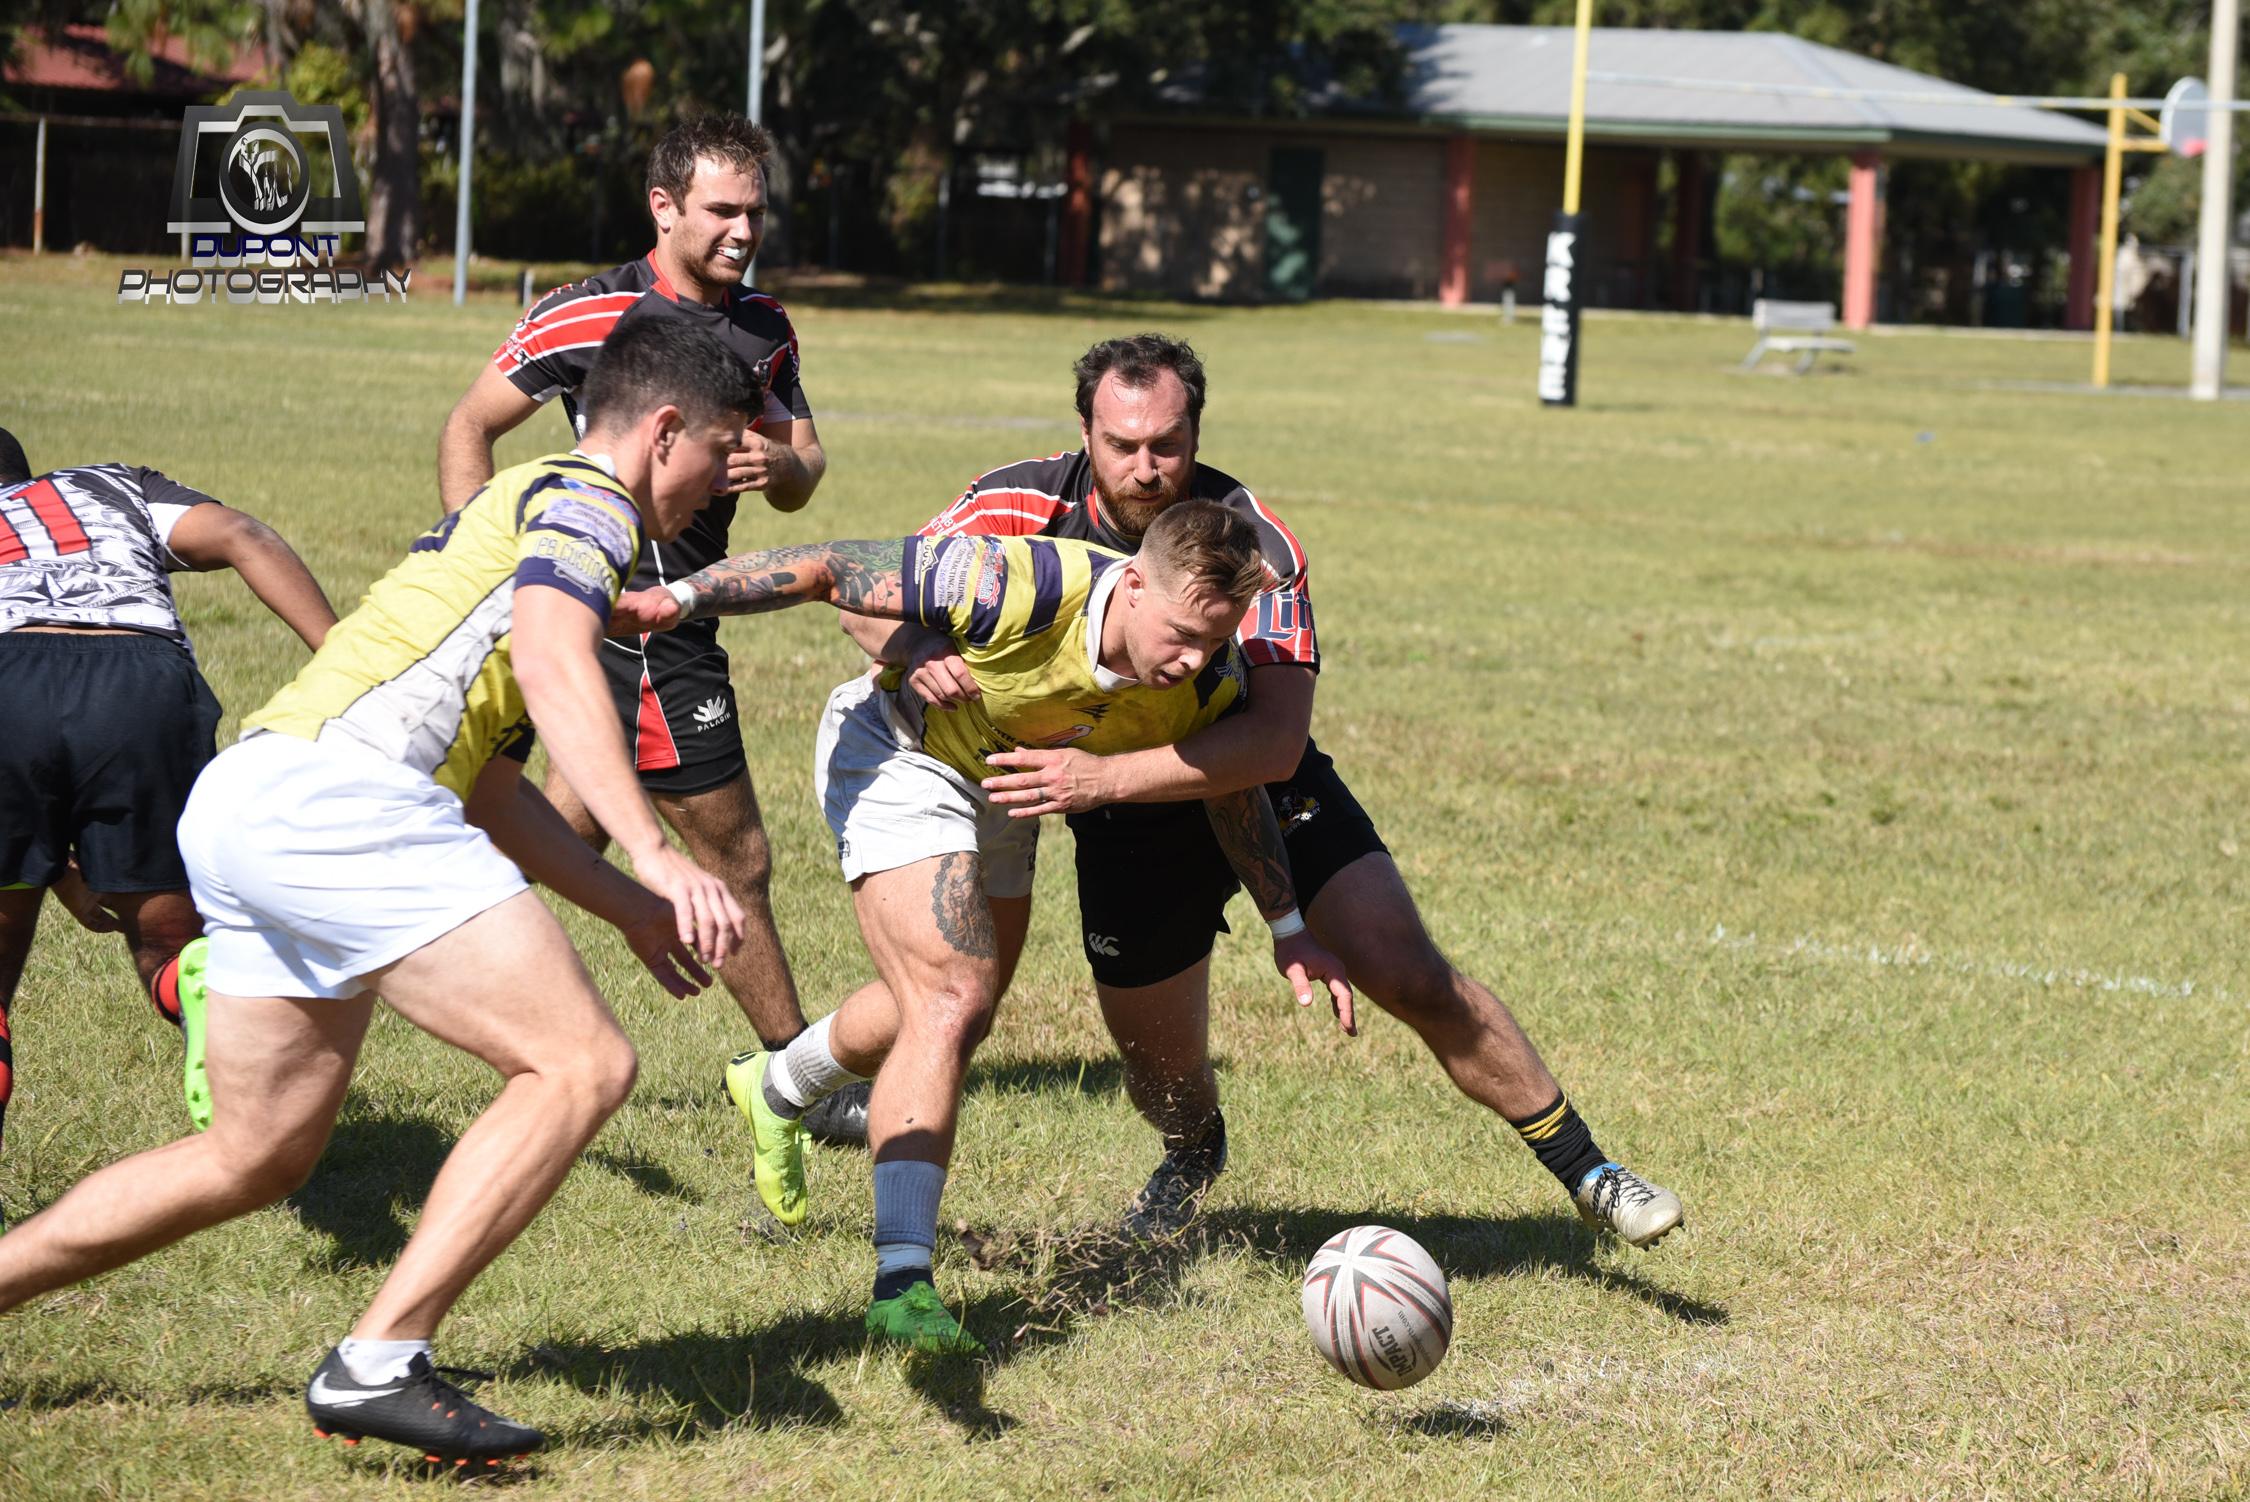 2019-01-19 Rugby-716-11.jpg